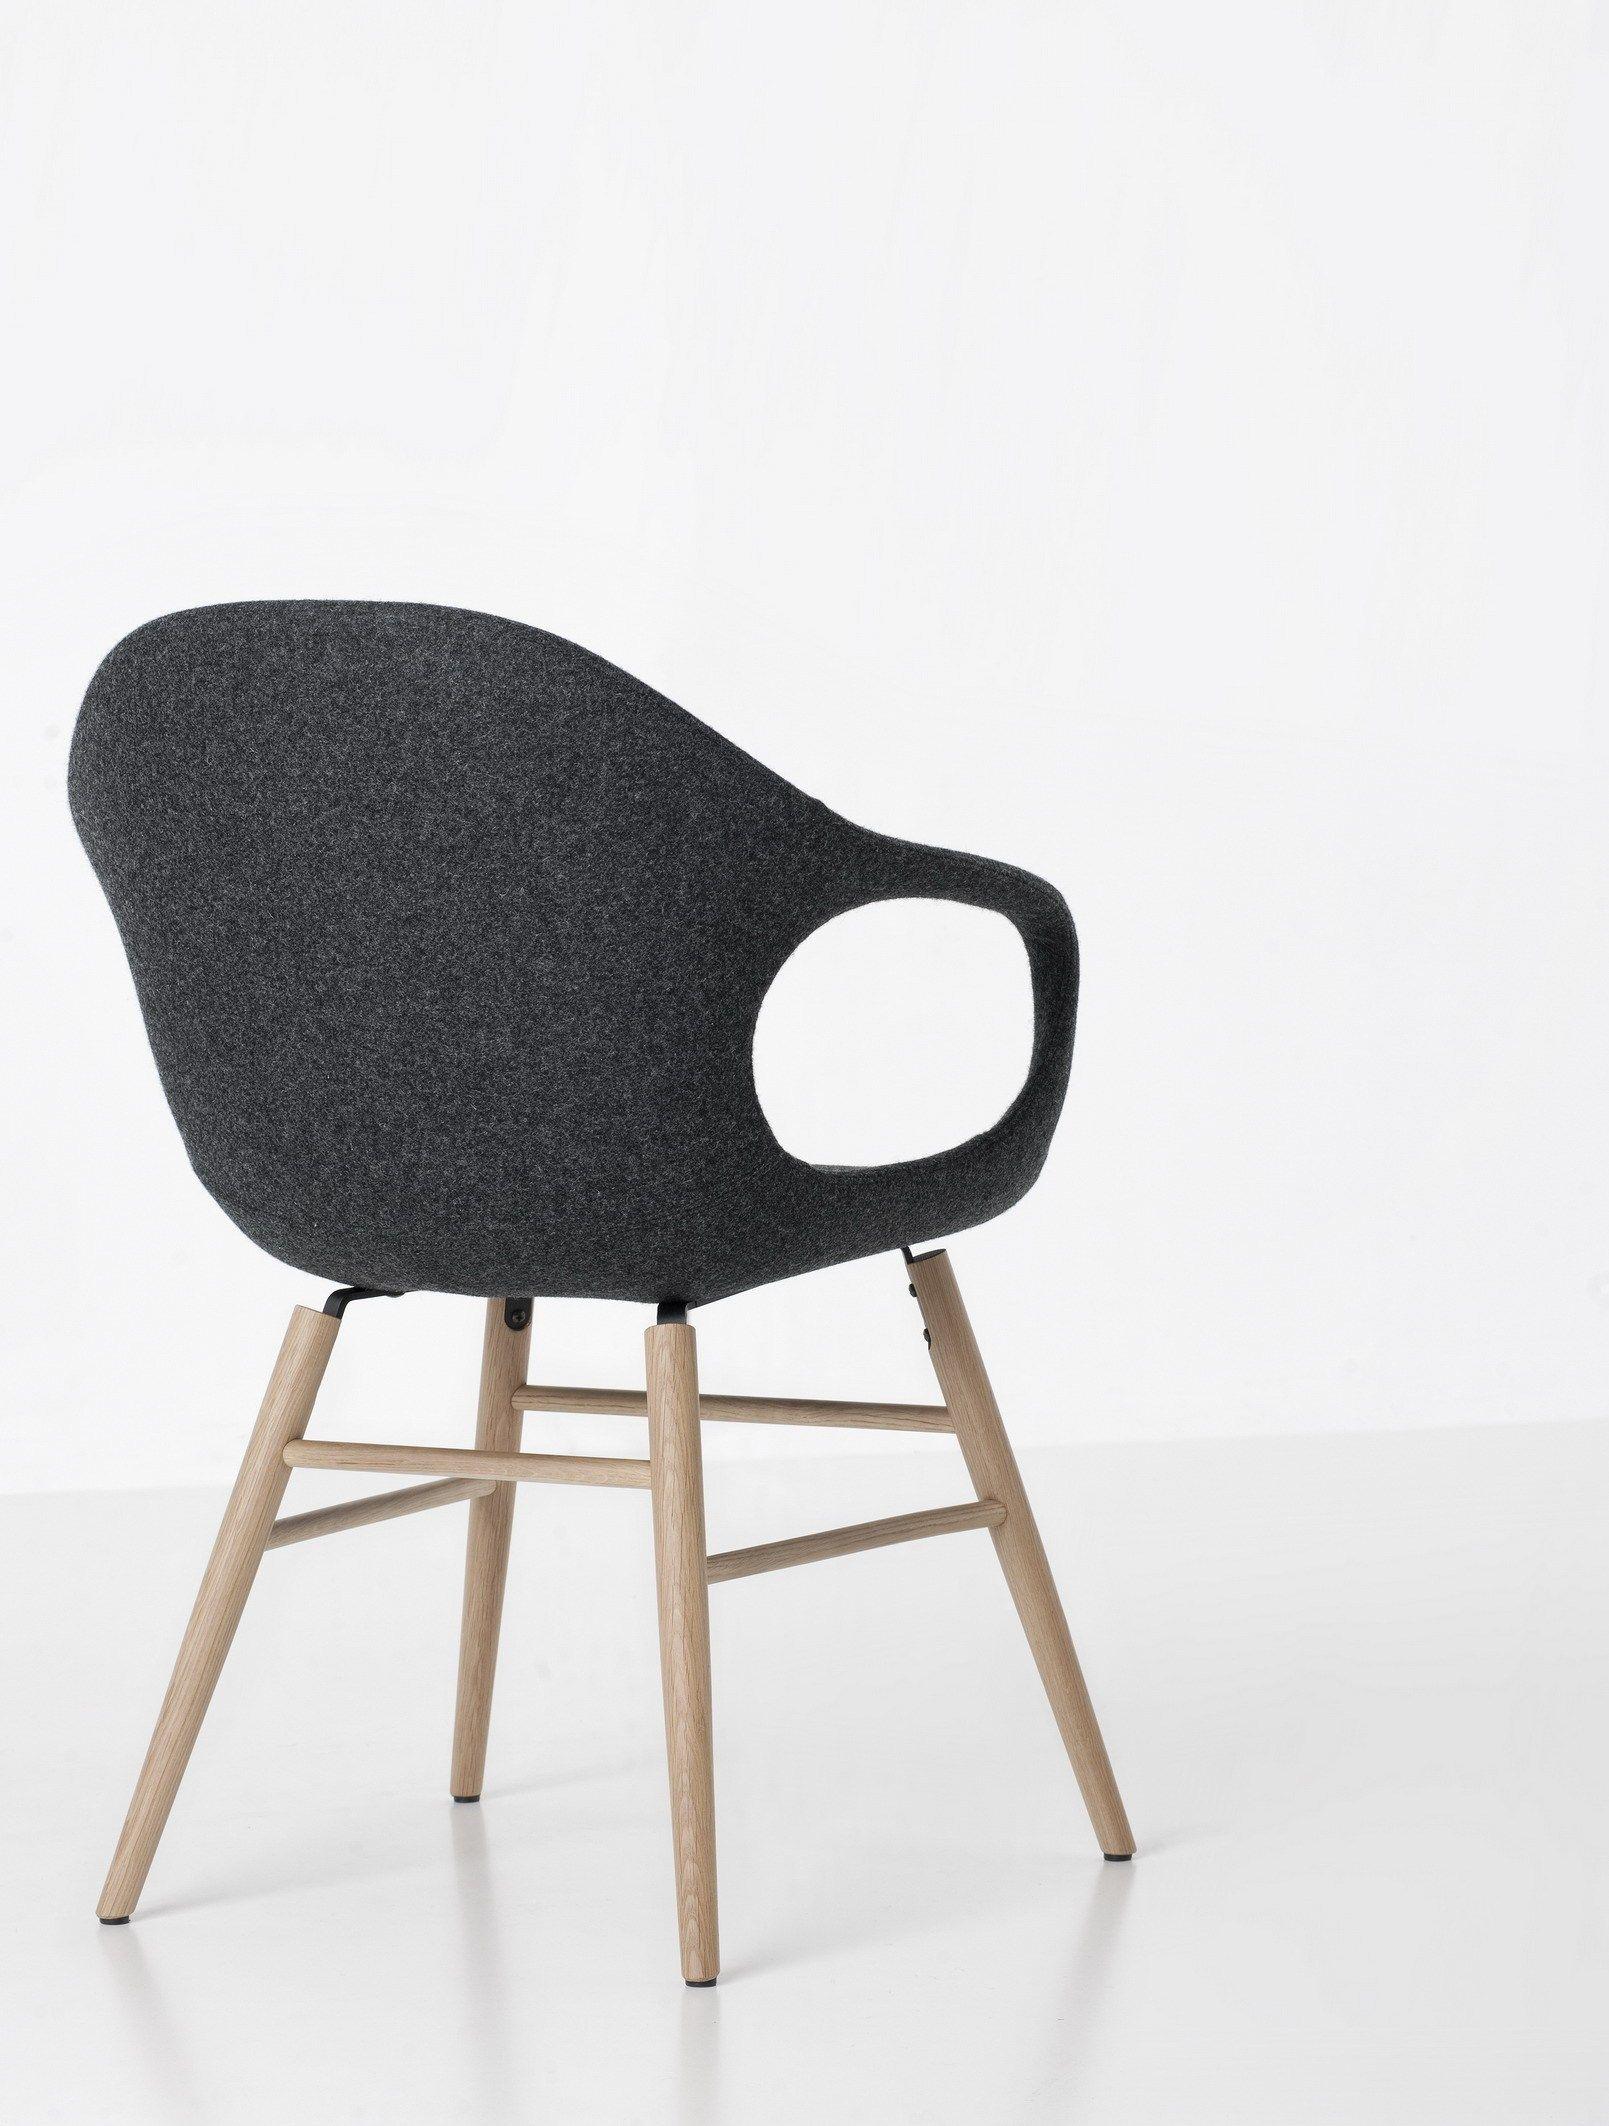 stuhl aus stoff mit armlehnen elephant upholstered by. Black Bedroom Furniture Sets. Home Design Ideas